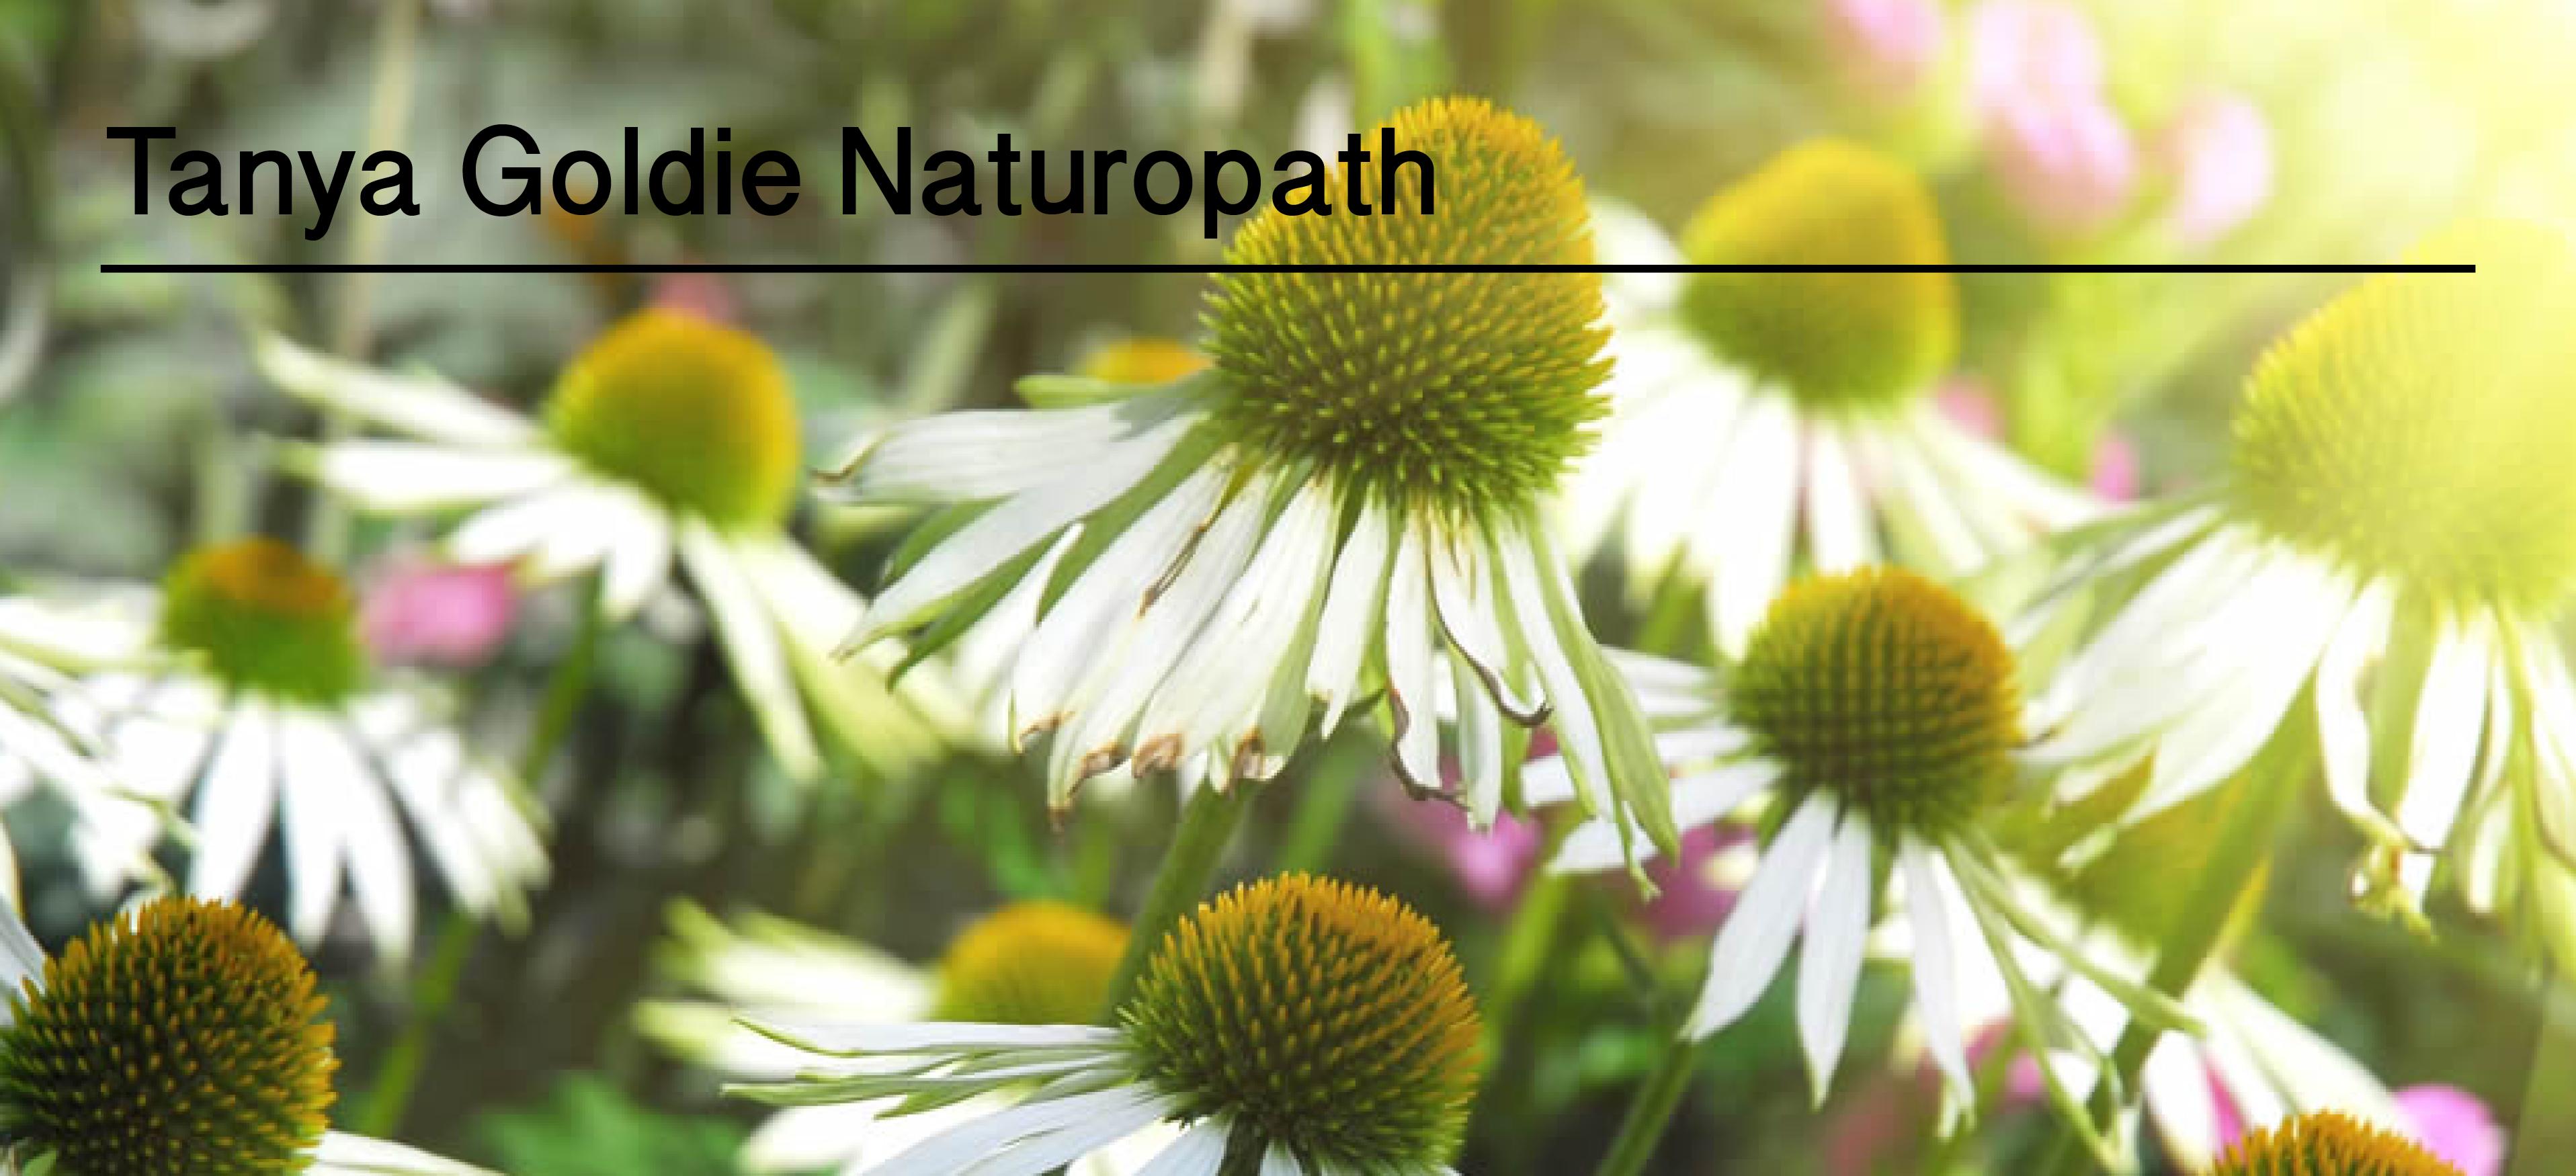 Tanya Goldie Naturopath